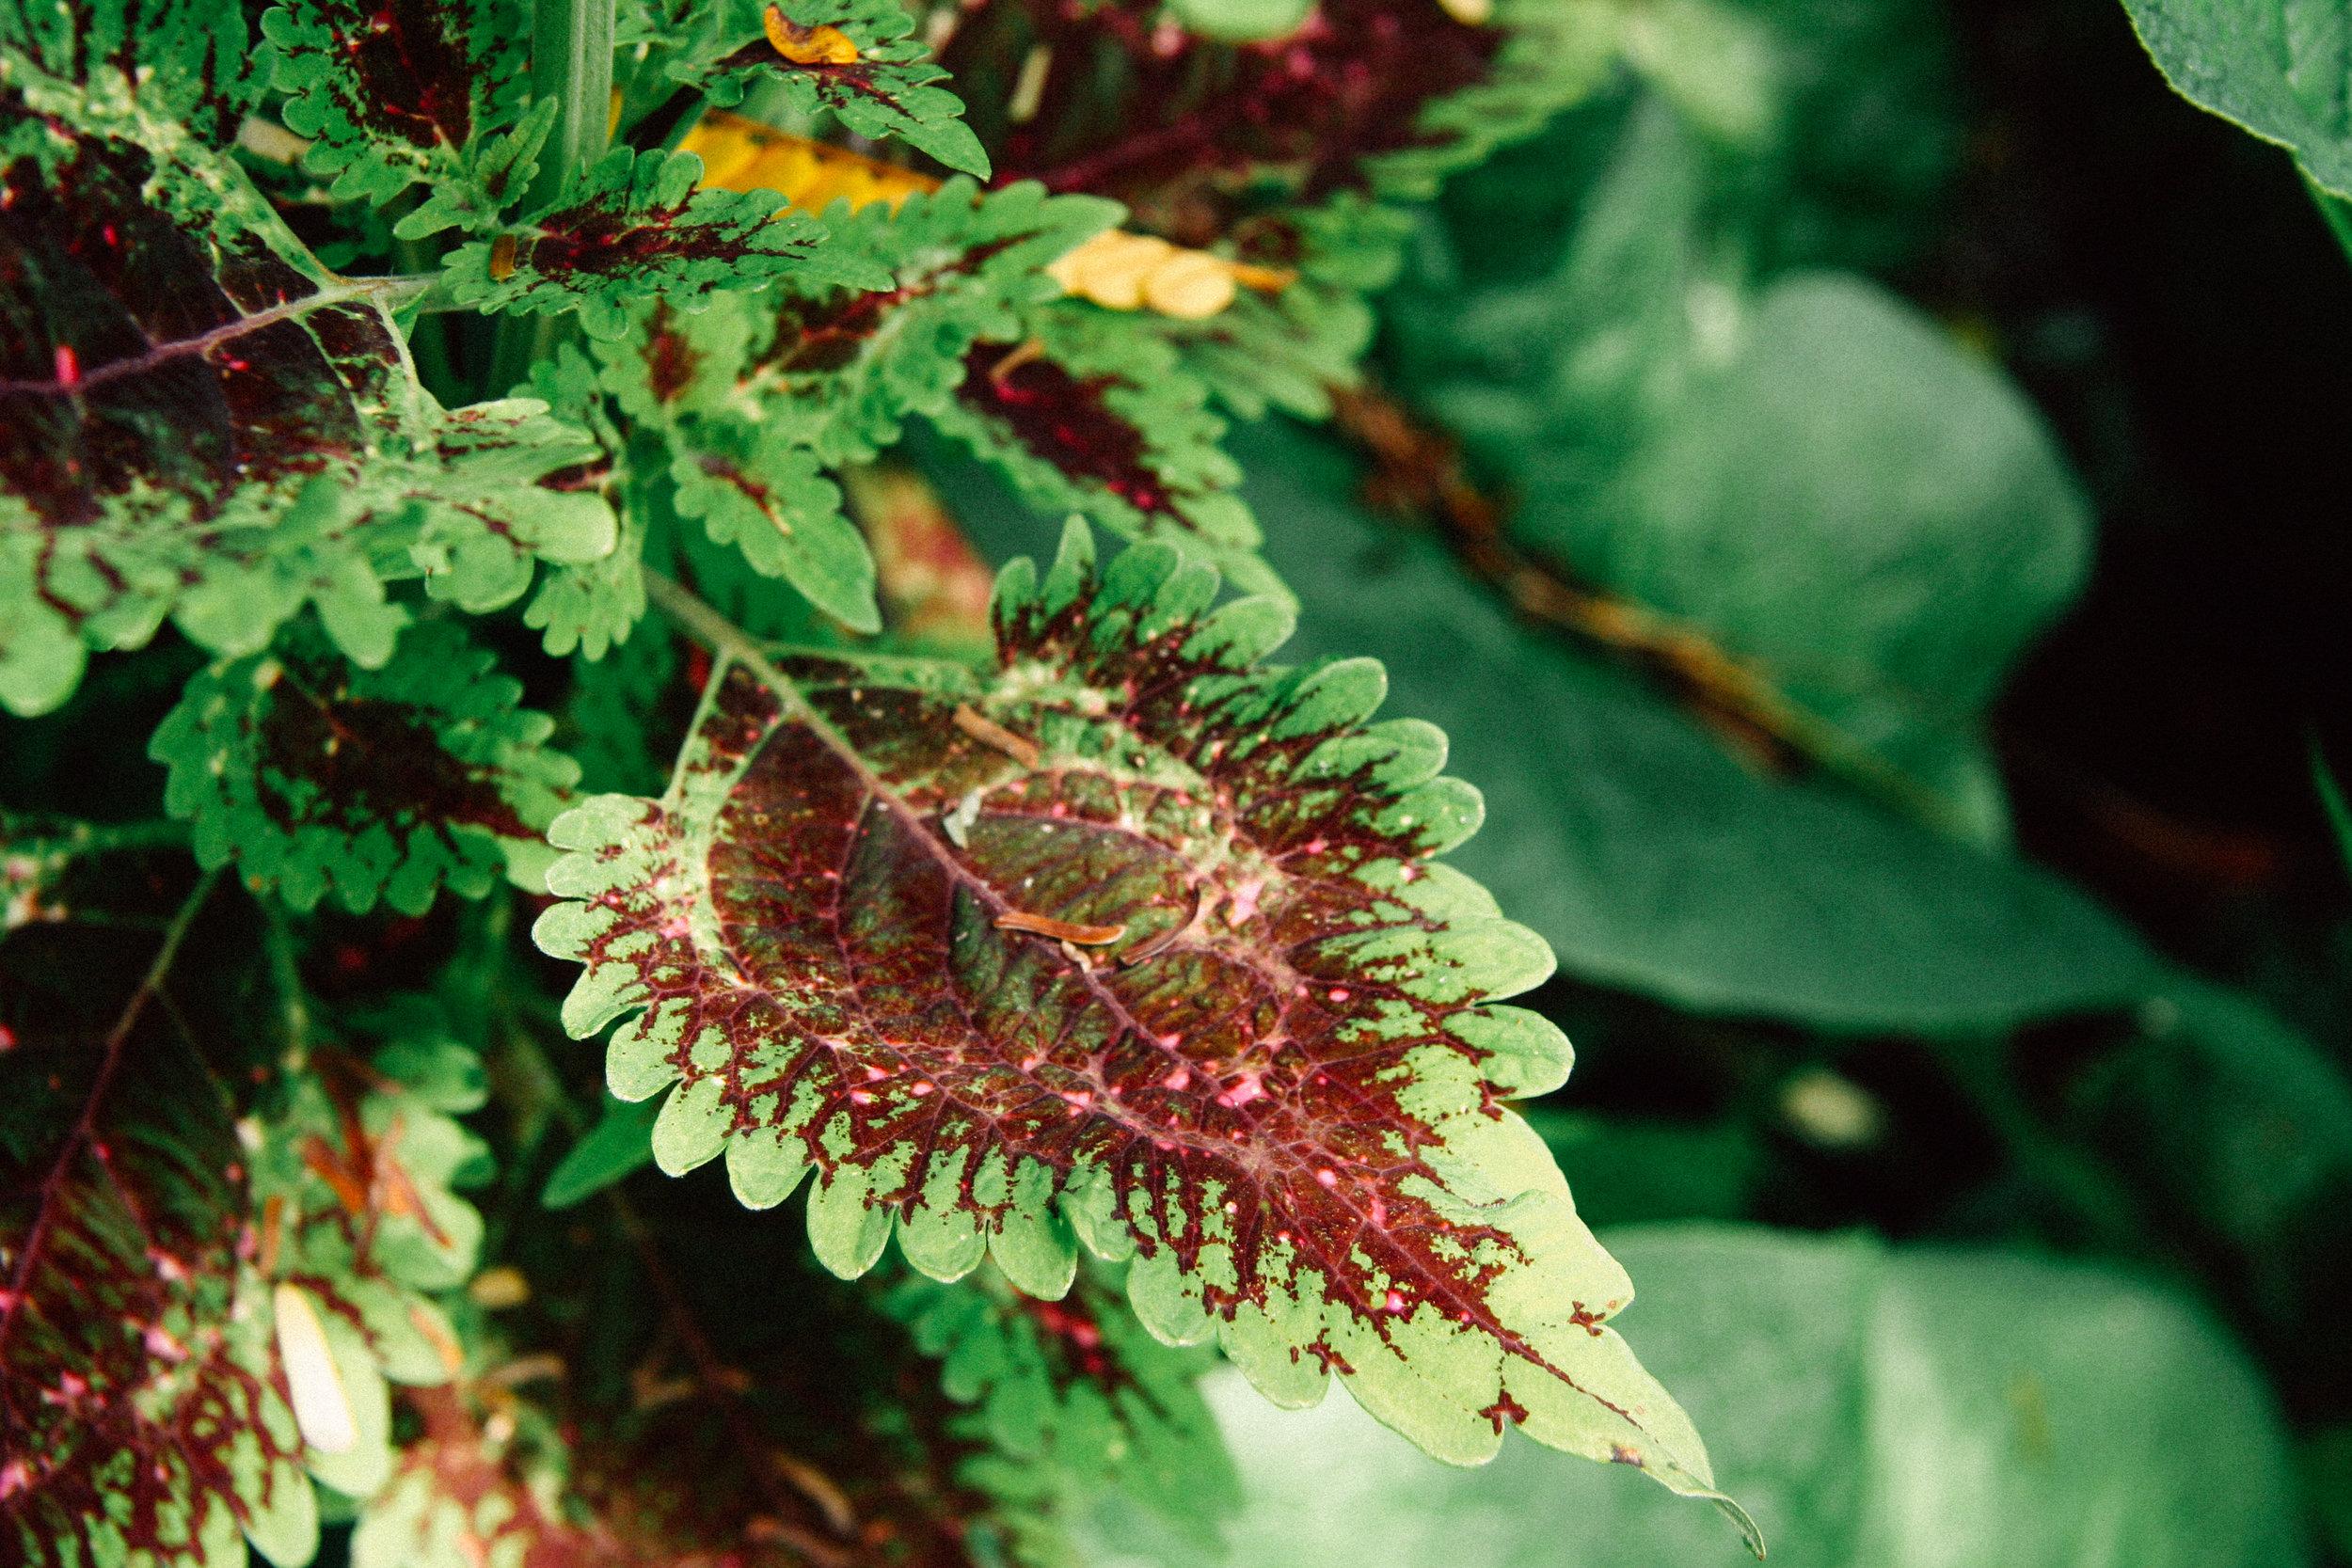 Coleus,  Plectranthus spp. (Lamiaceae)